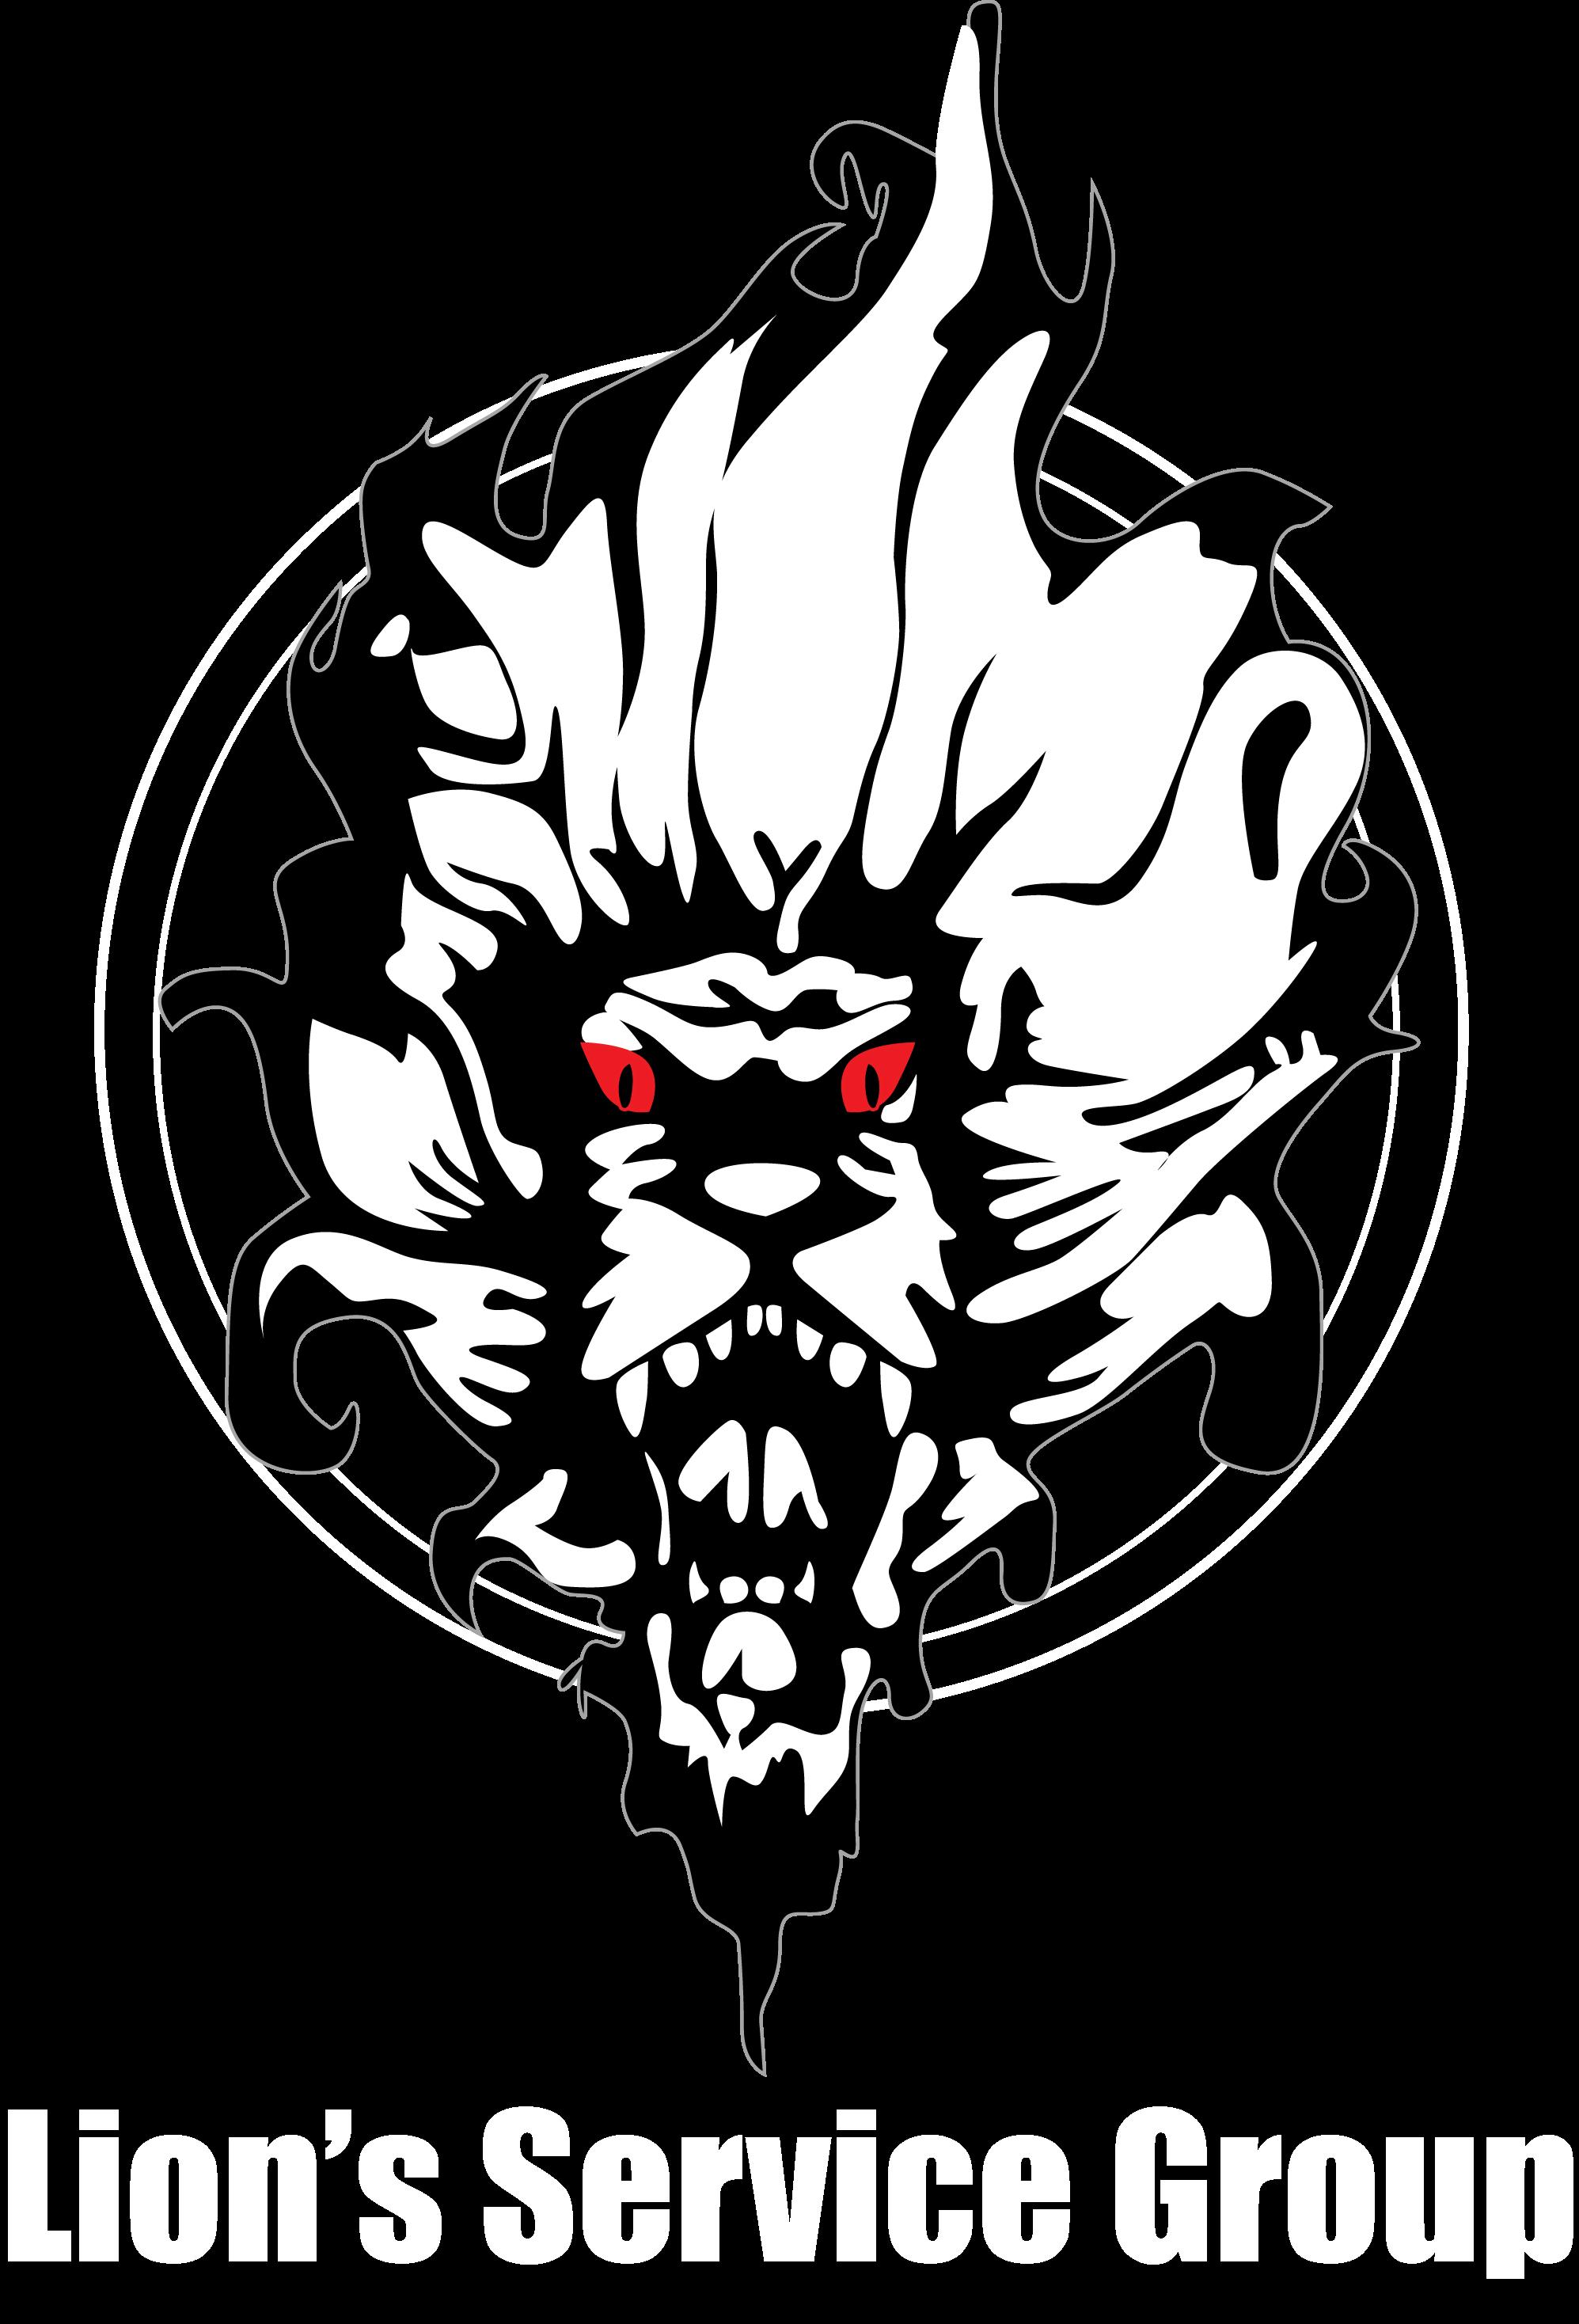 LION'S SERVICE GROUP